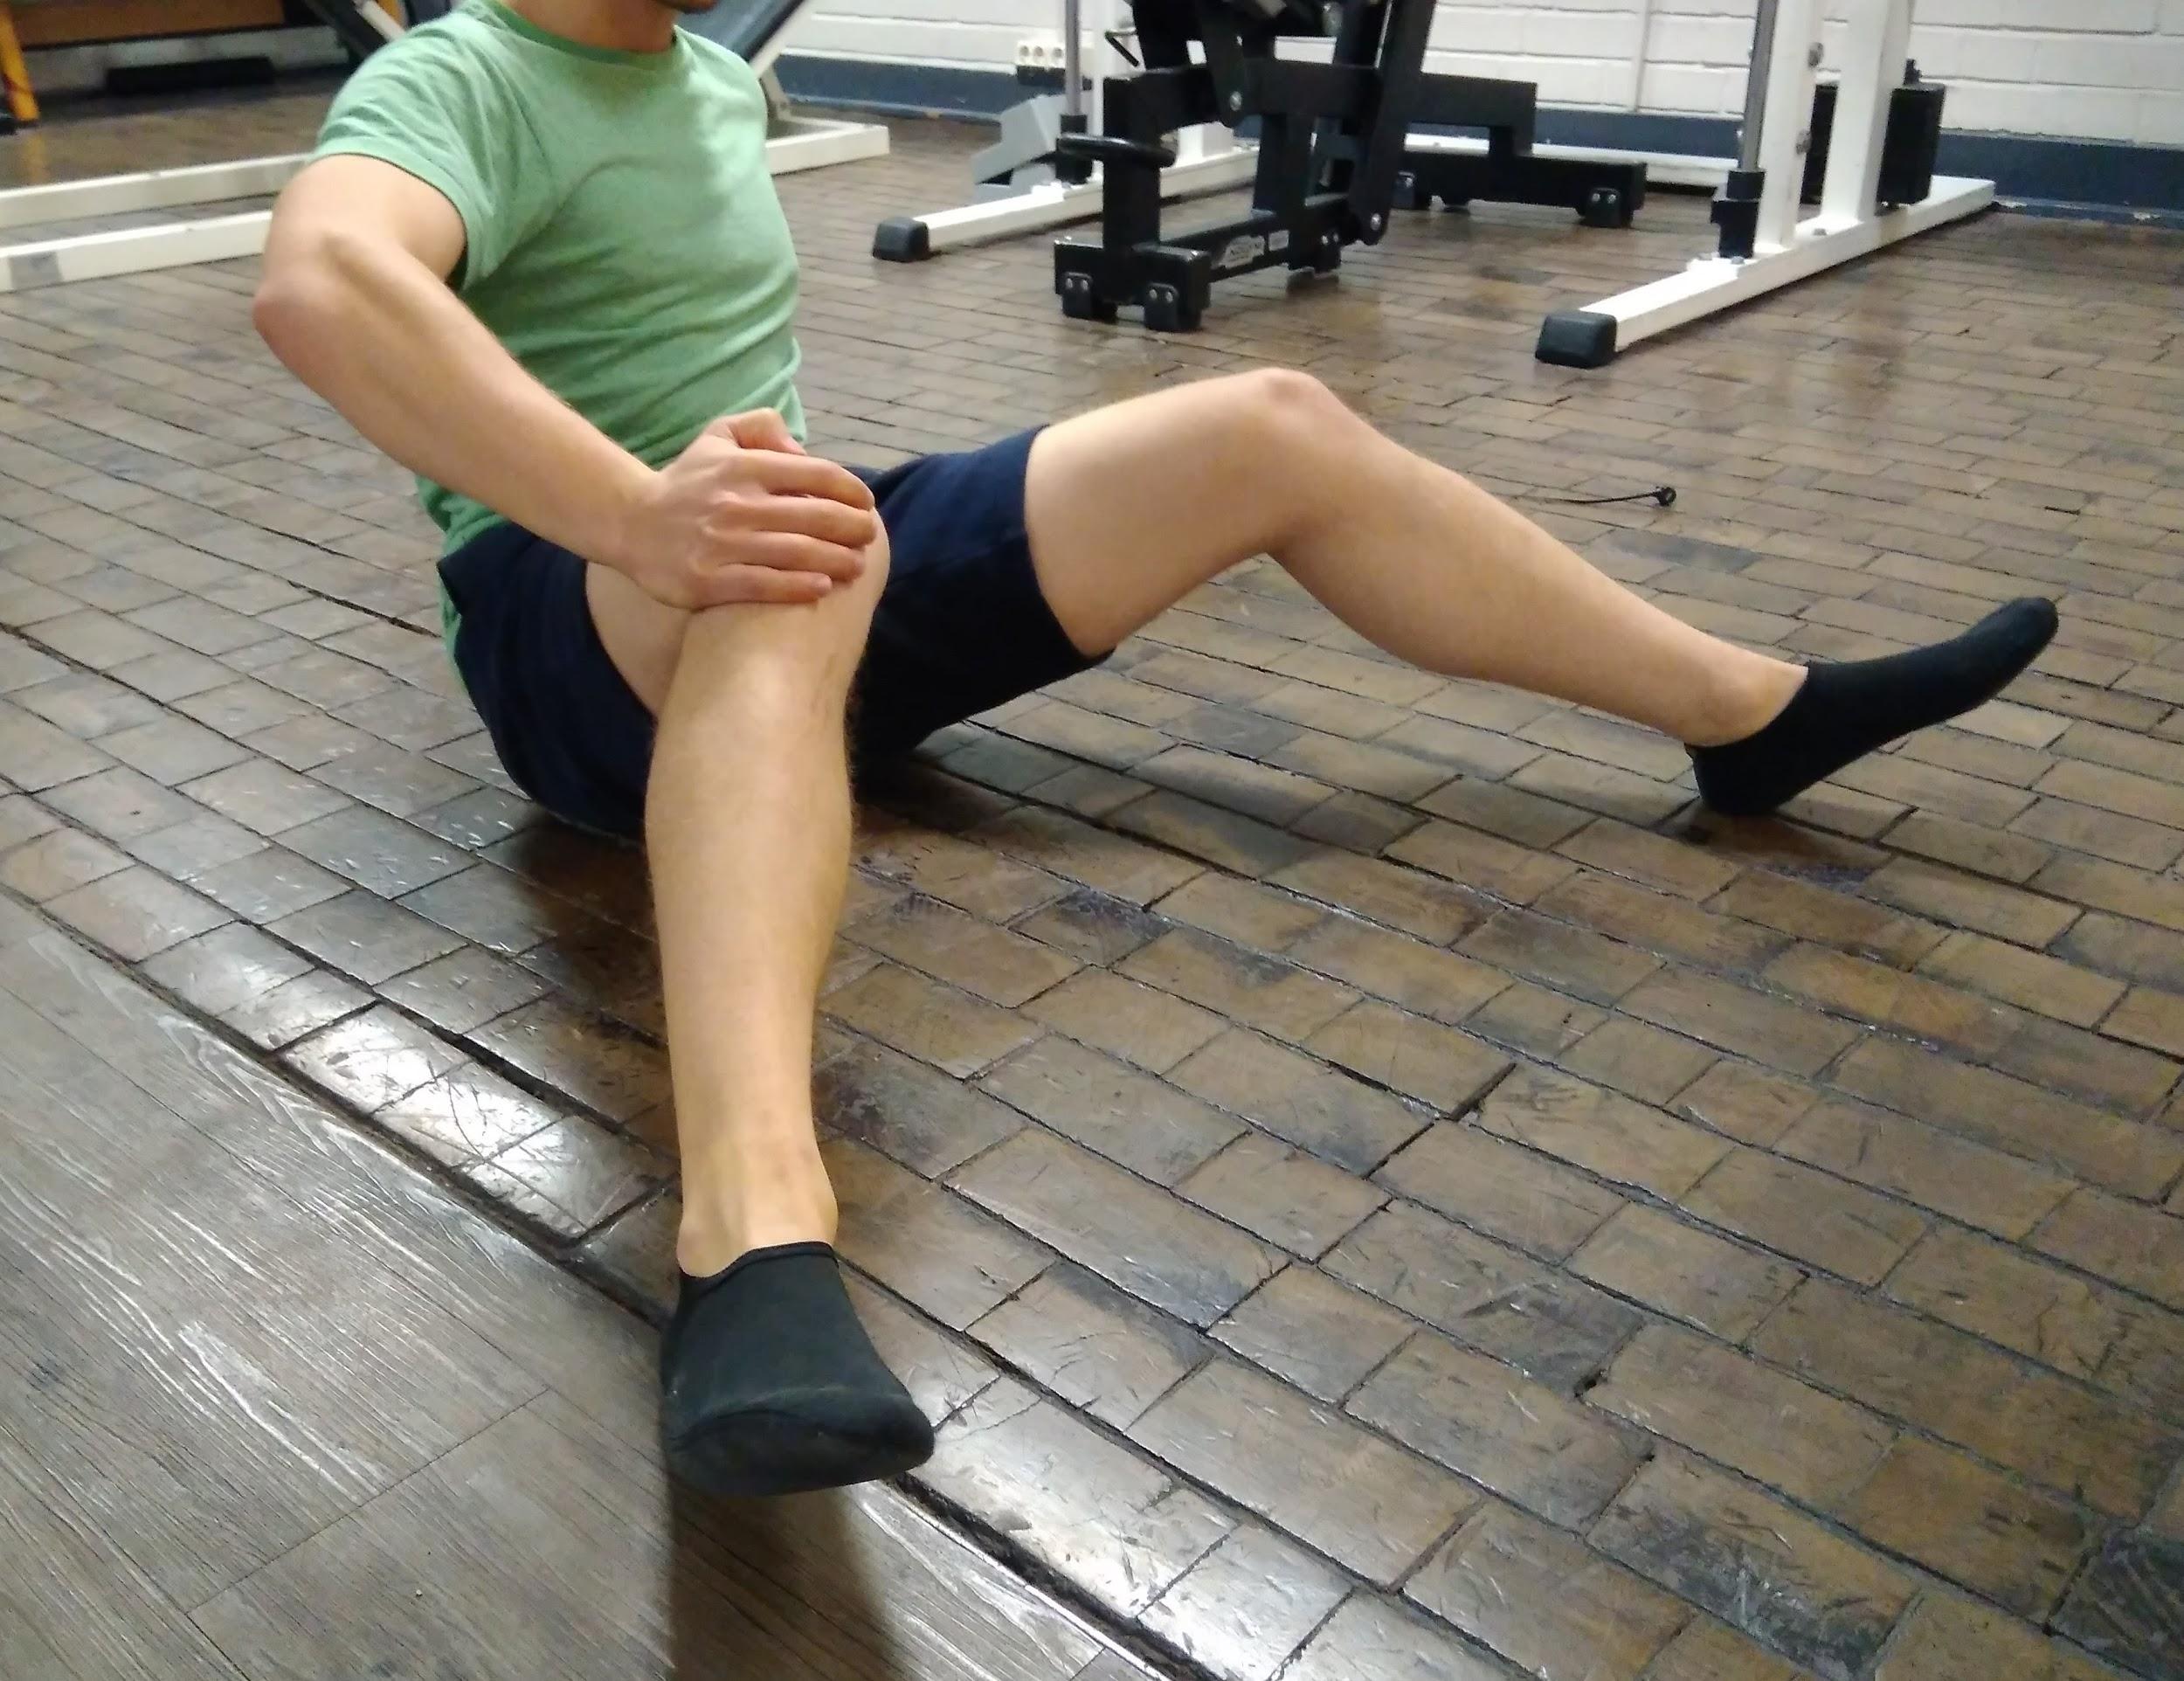 word image 46 - Butt-Wink beheben: So hälst du deinen Rücken gerade bei Kniebeugen